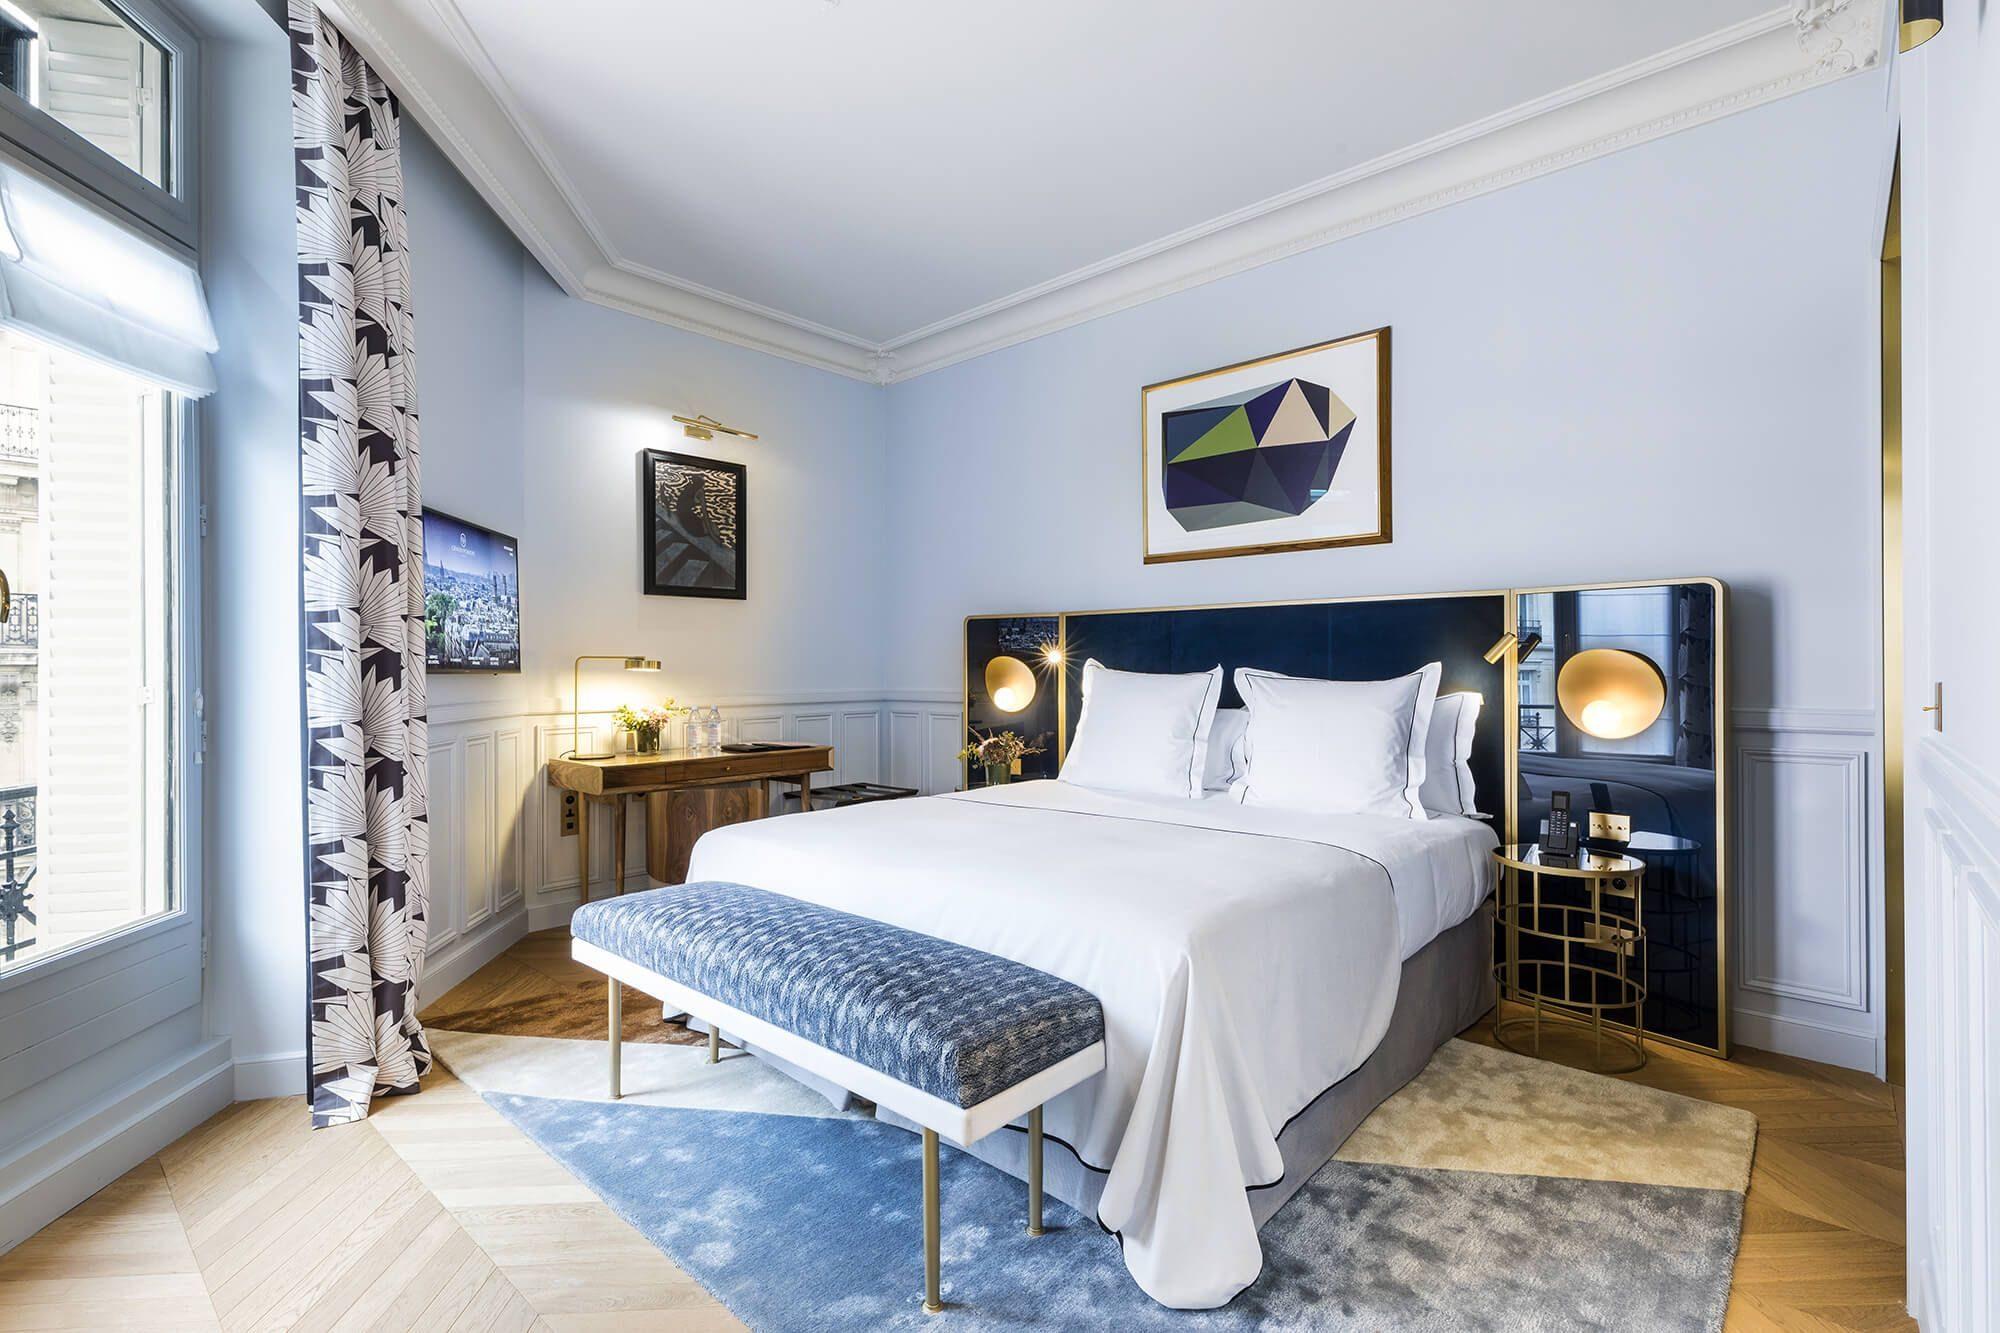 Истинный французский колорит в оформлении спальни